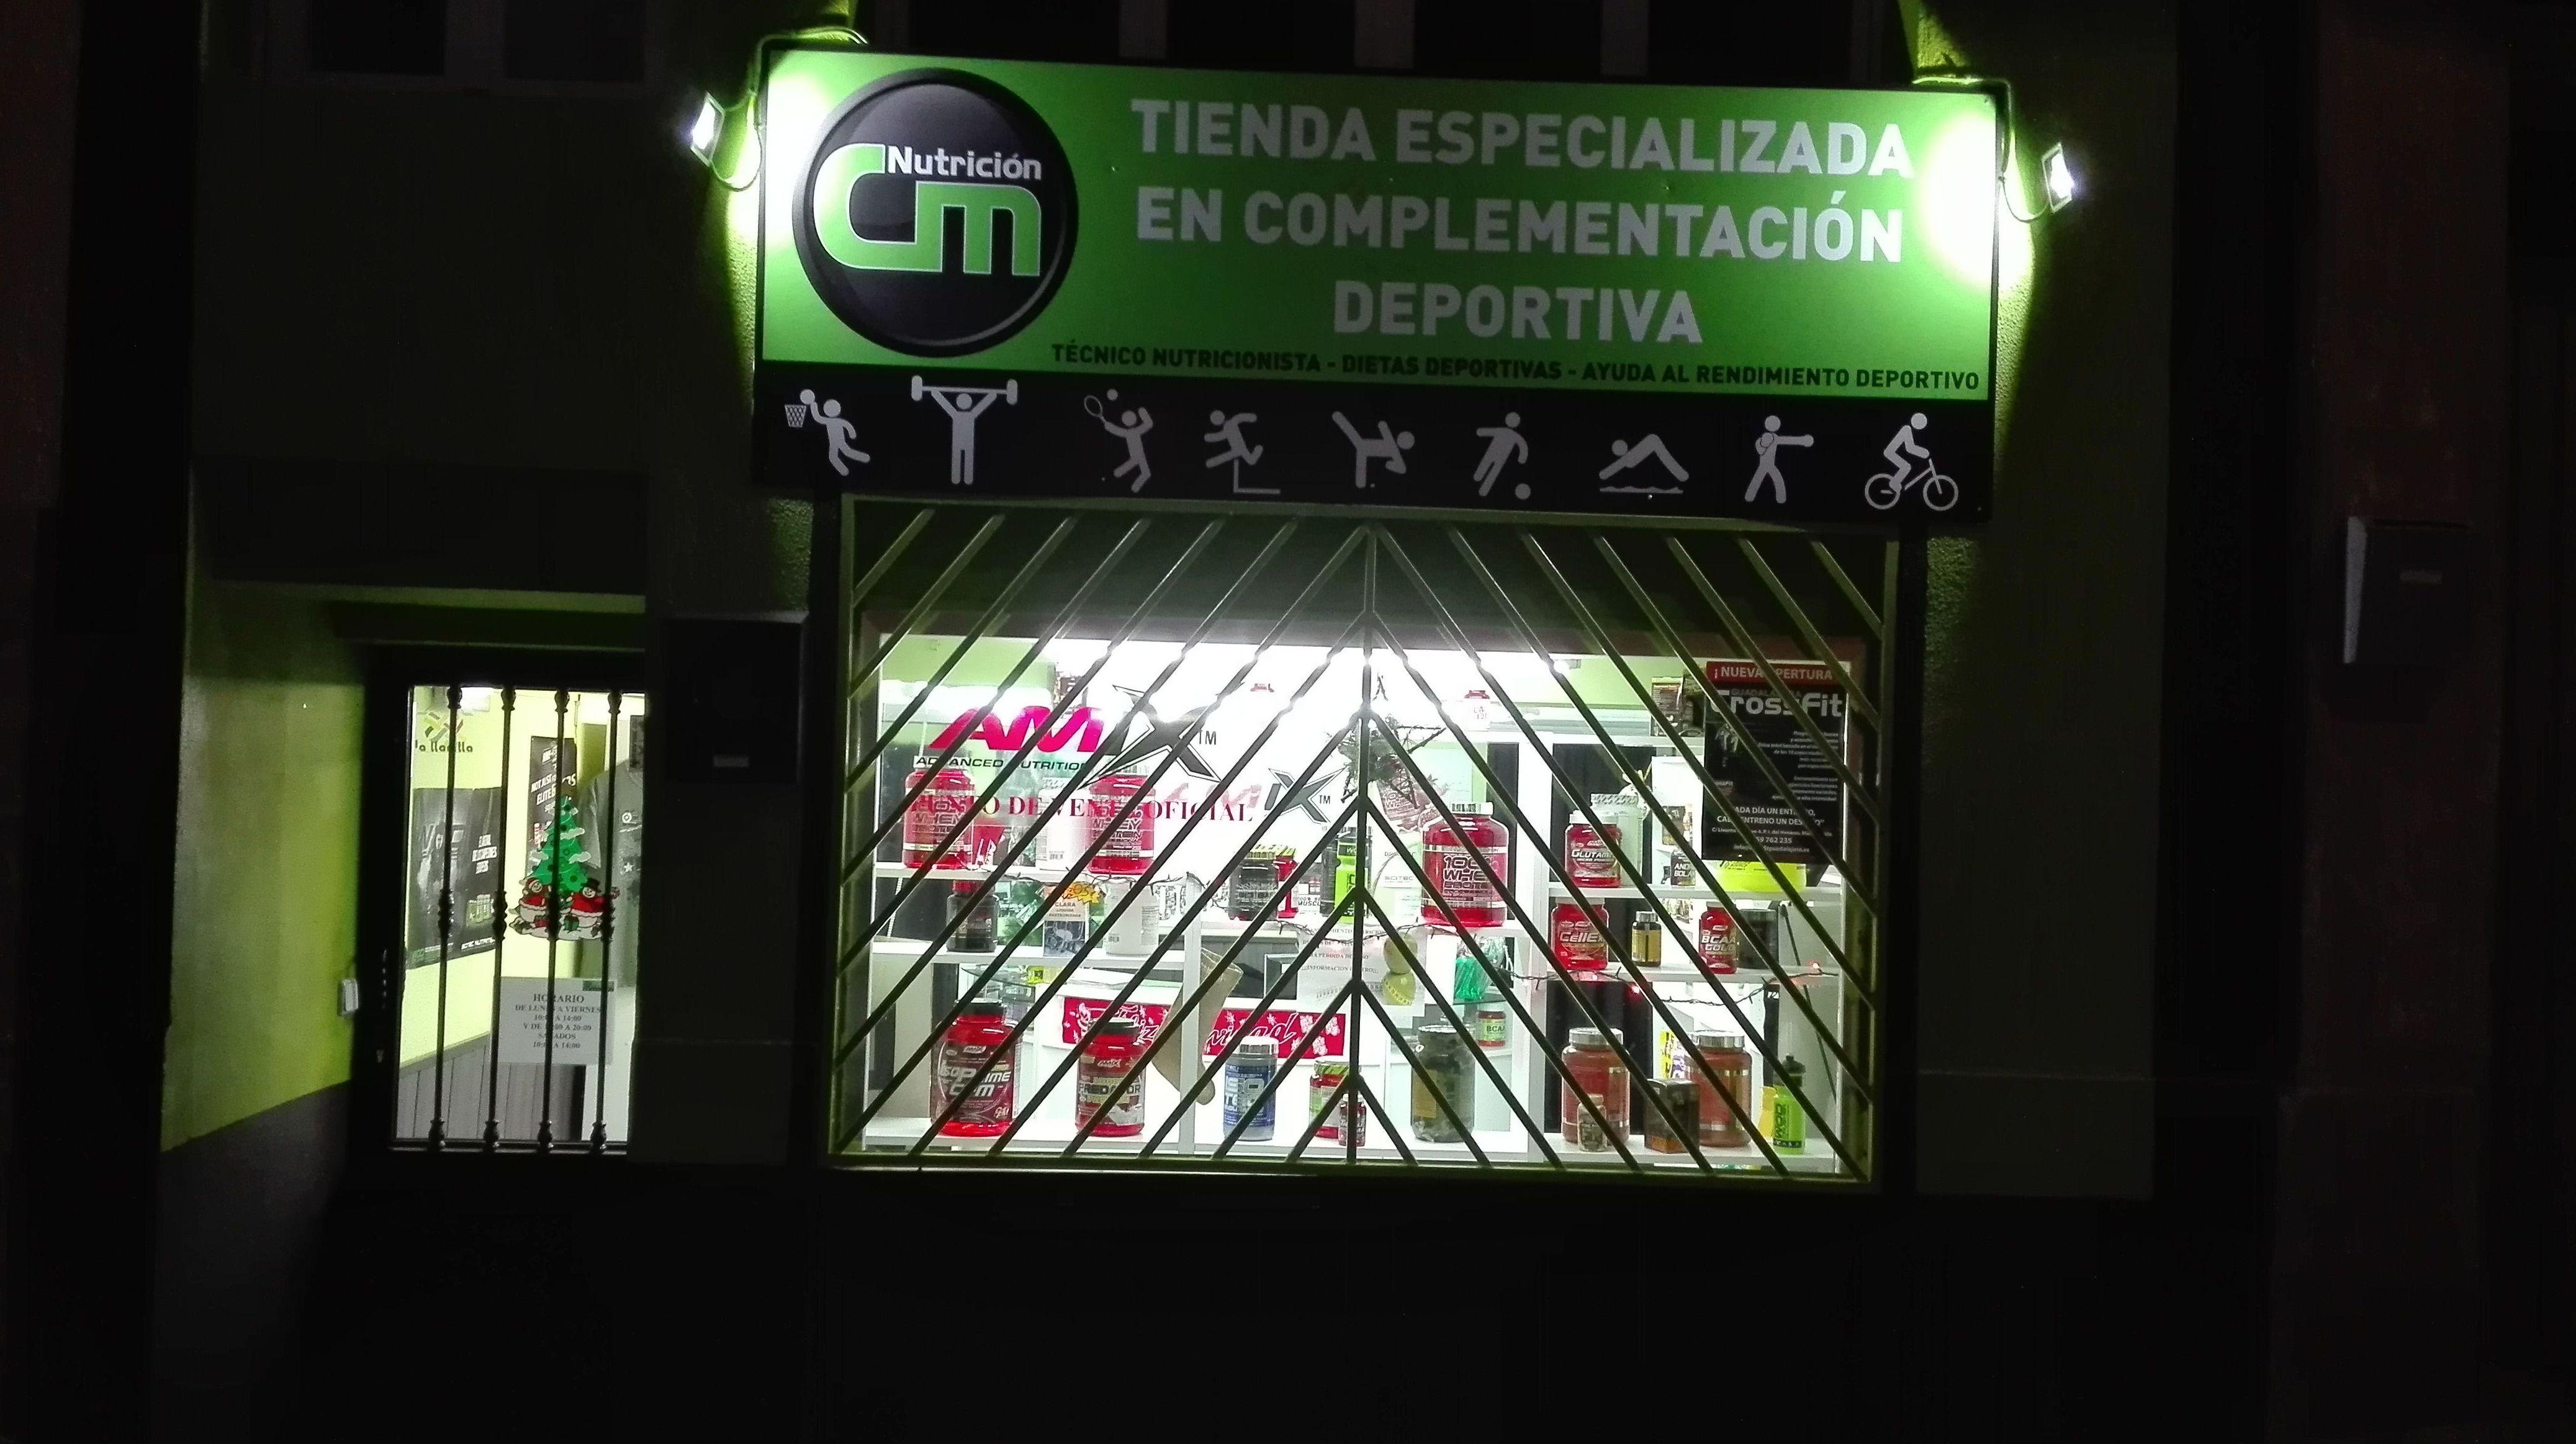 Tienda de complementación deportiva en Guadalajara